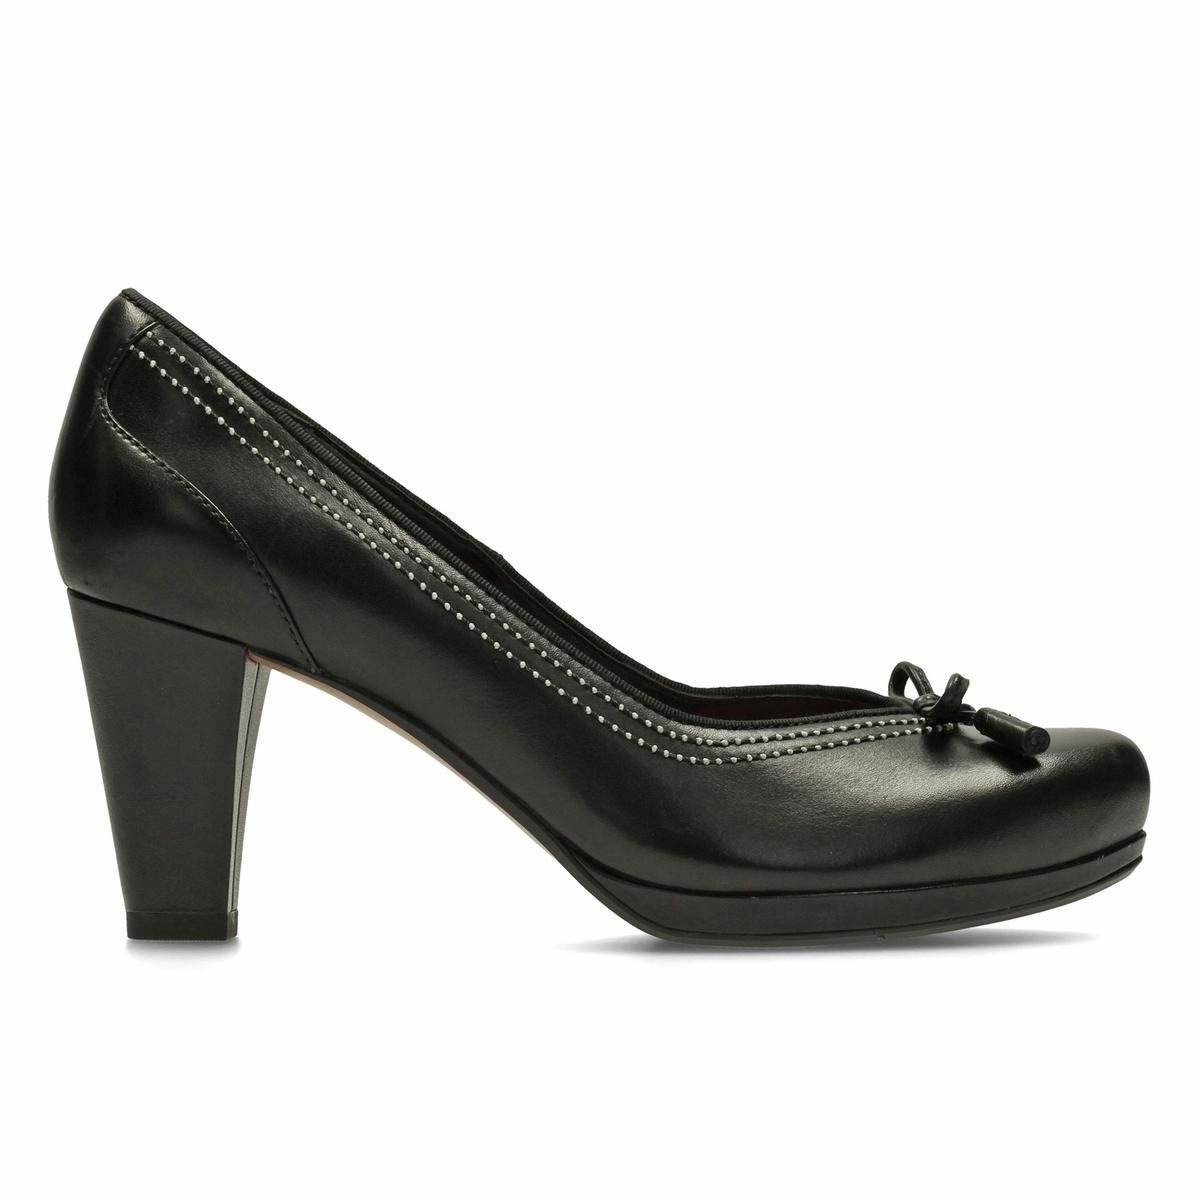 Туфли кожаные Chorus BombayВерх : Кожа.   Подкладка : Кожа.   Стелька : Кожа.   Подошва : Каучук   Высота каблука : 7,5 см     Форма каблука : квадратный.   Мысок : закругленный   Застежка : Без застежки<br><br>Цвет: черный<br>Размер: 38